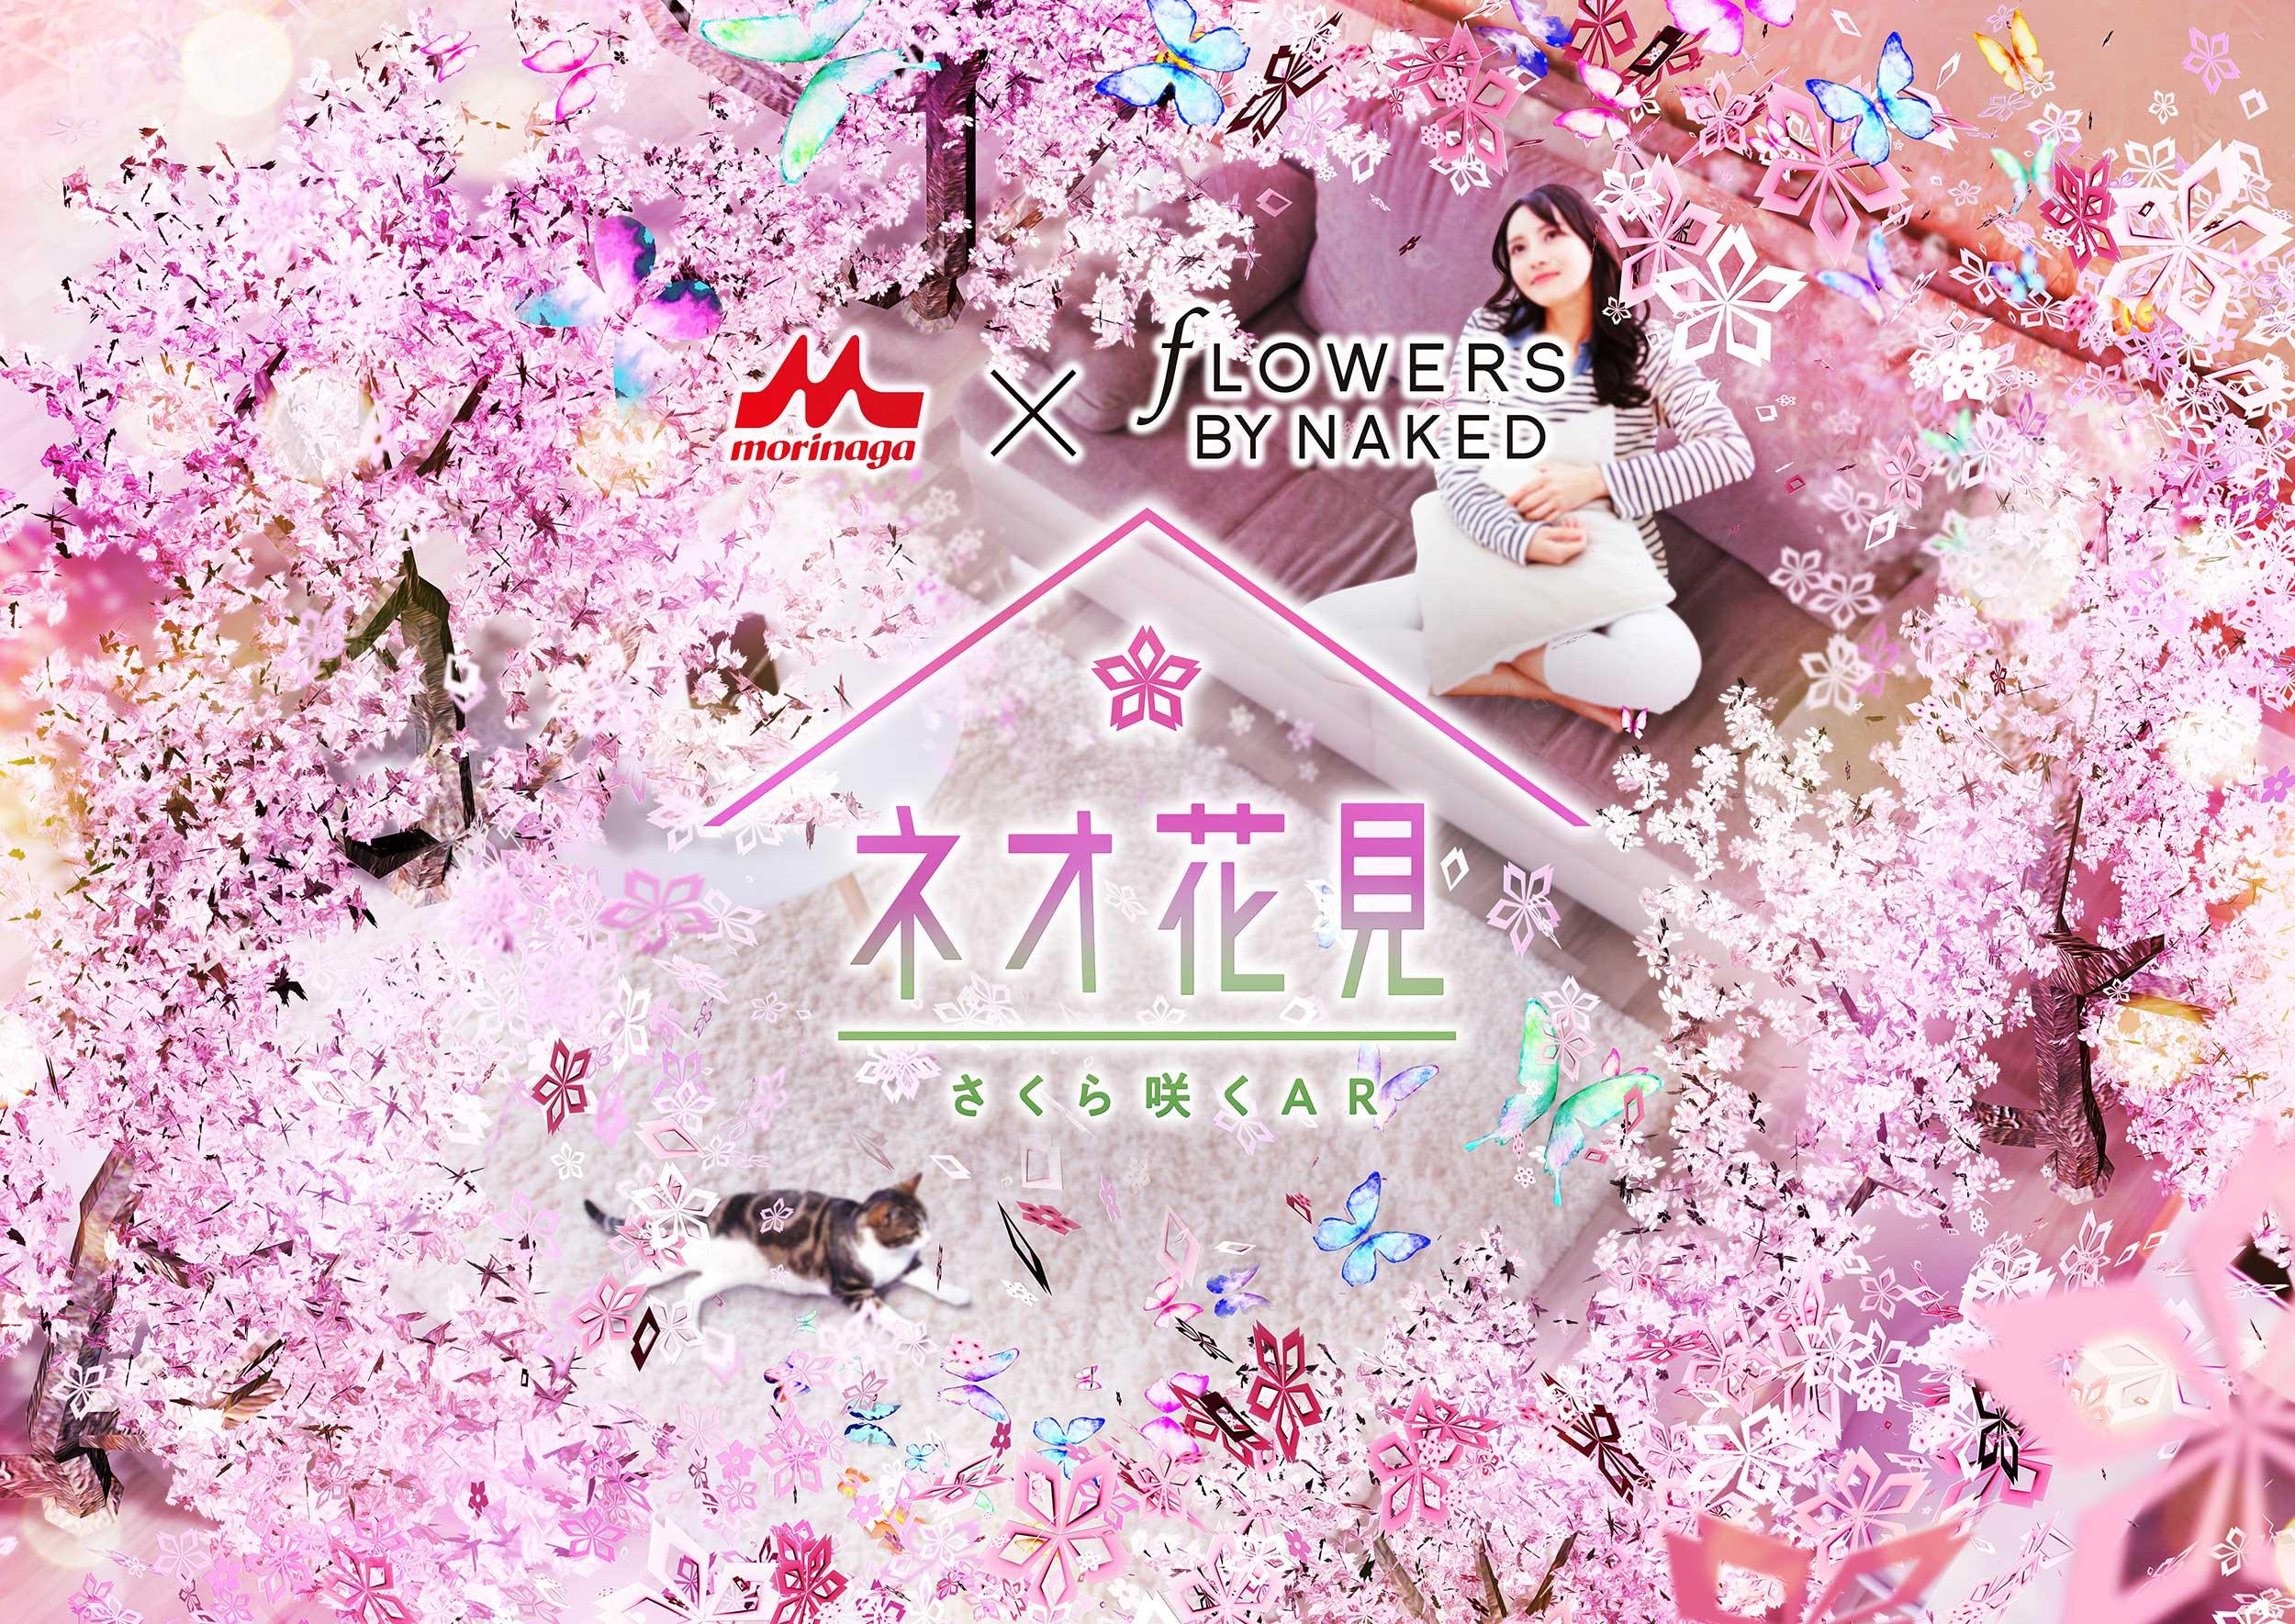 桜のARアートを自宅で楽しもう!森永乳業×FLOWERS BY NAKEDのコラボ企画「ネオ花見-さくら咲くAR-」